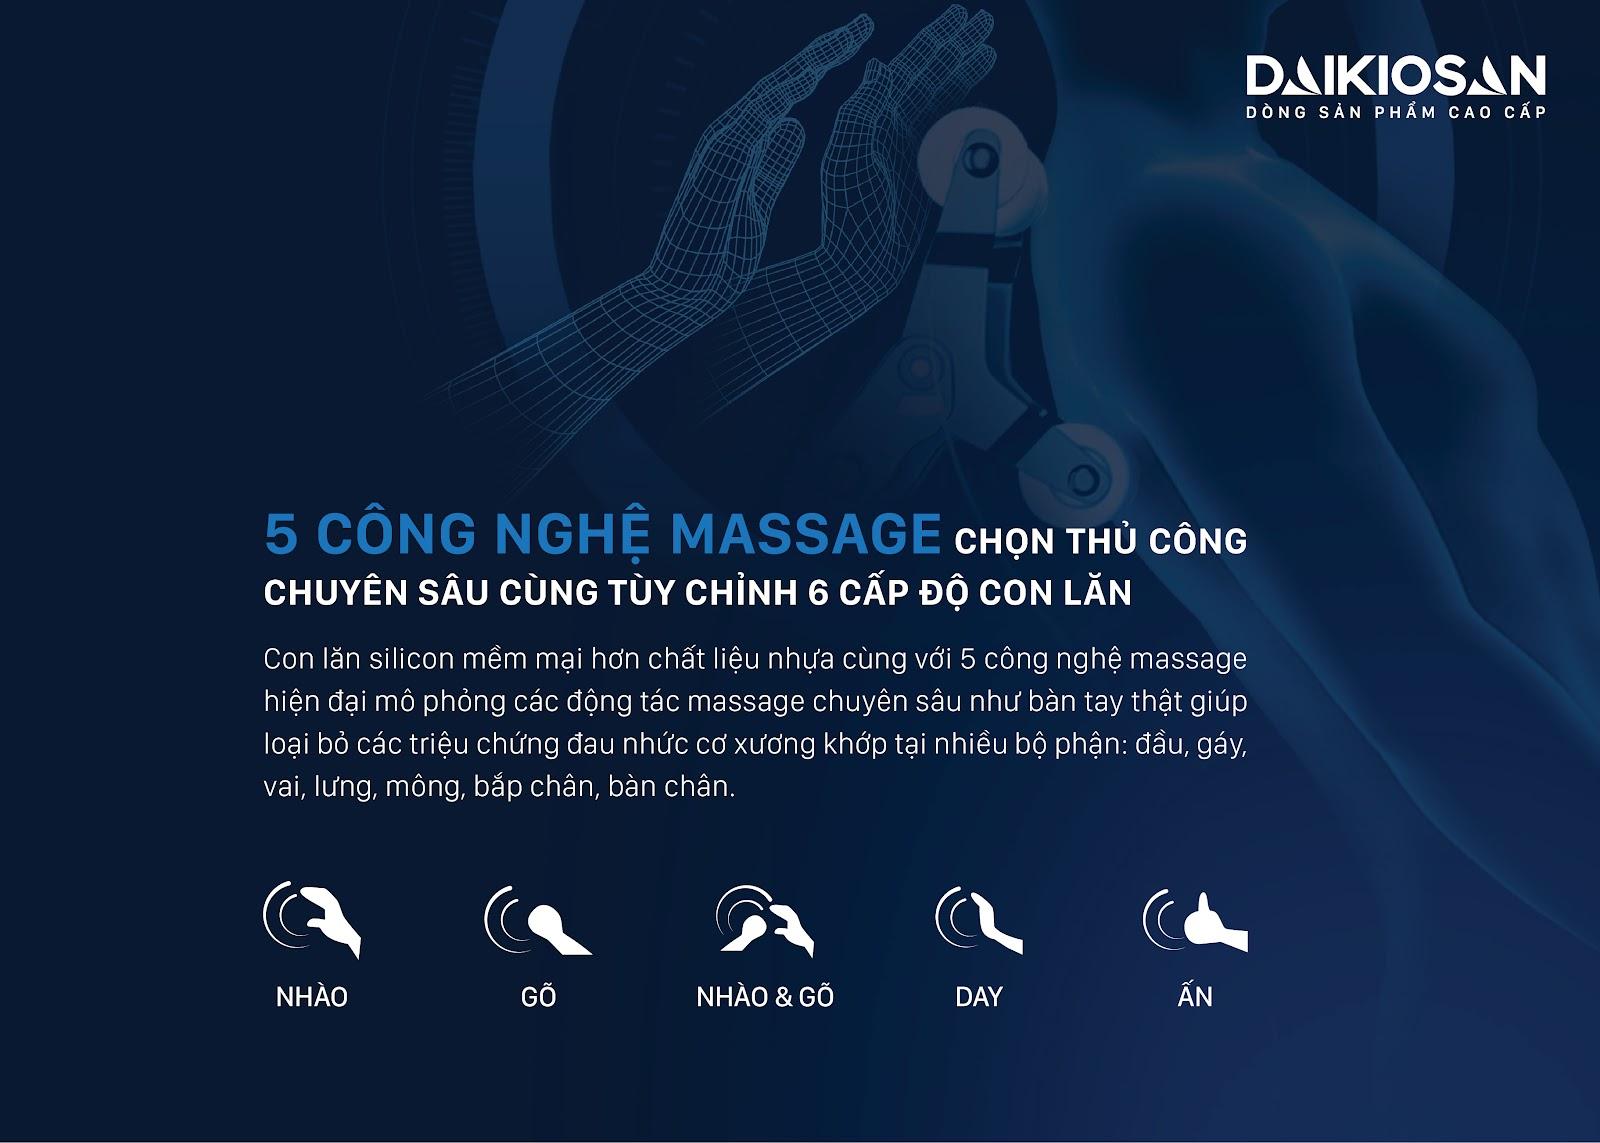 ghế massage 5 chế độ massage mang đến cảm giác thoải mái